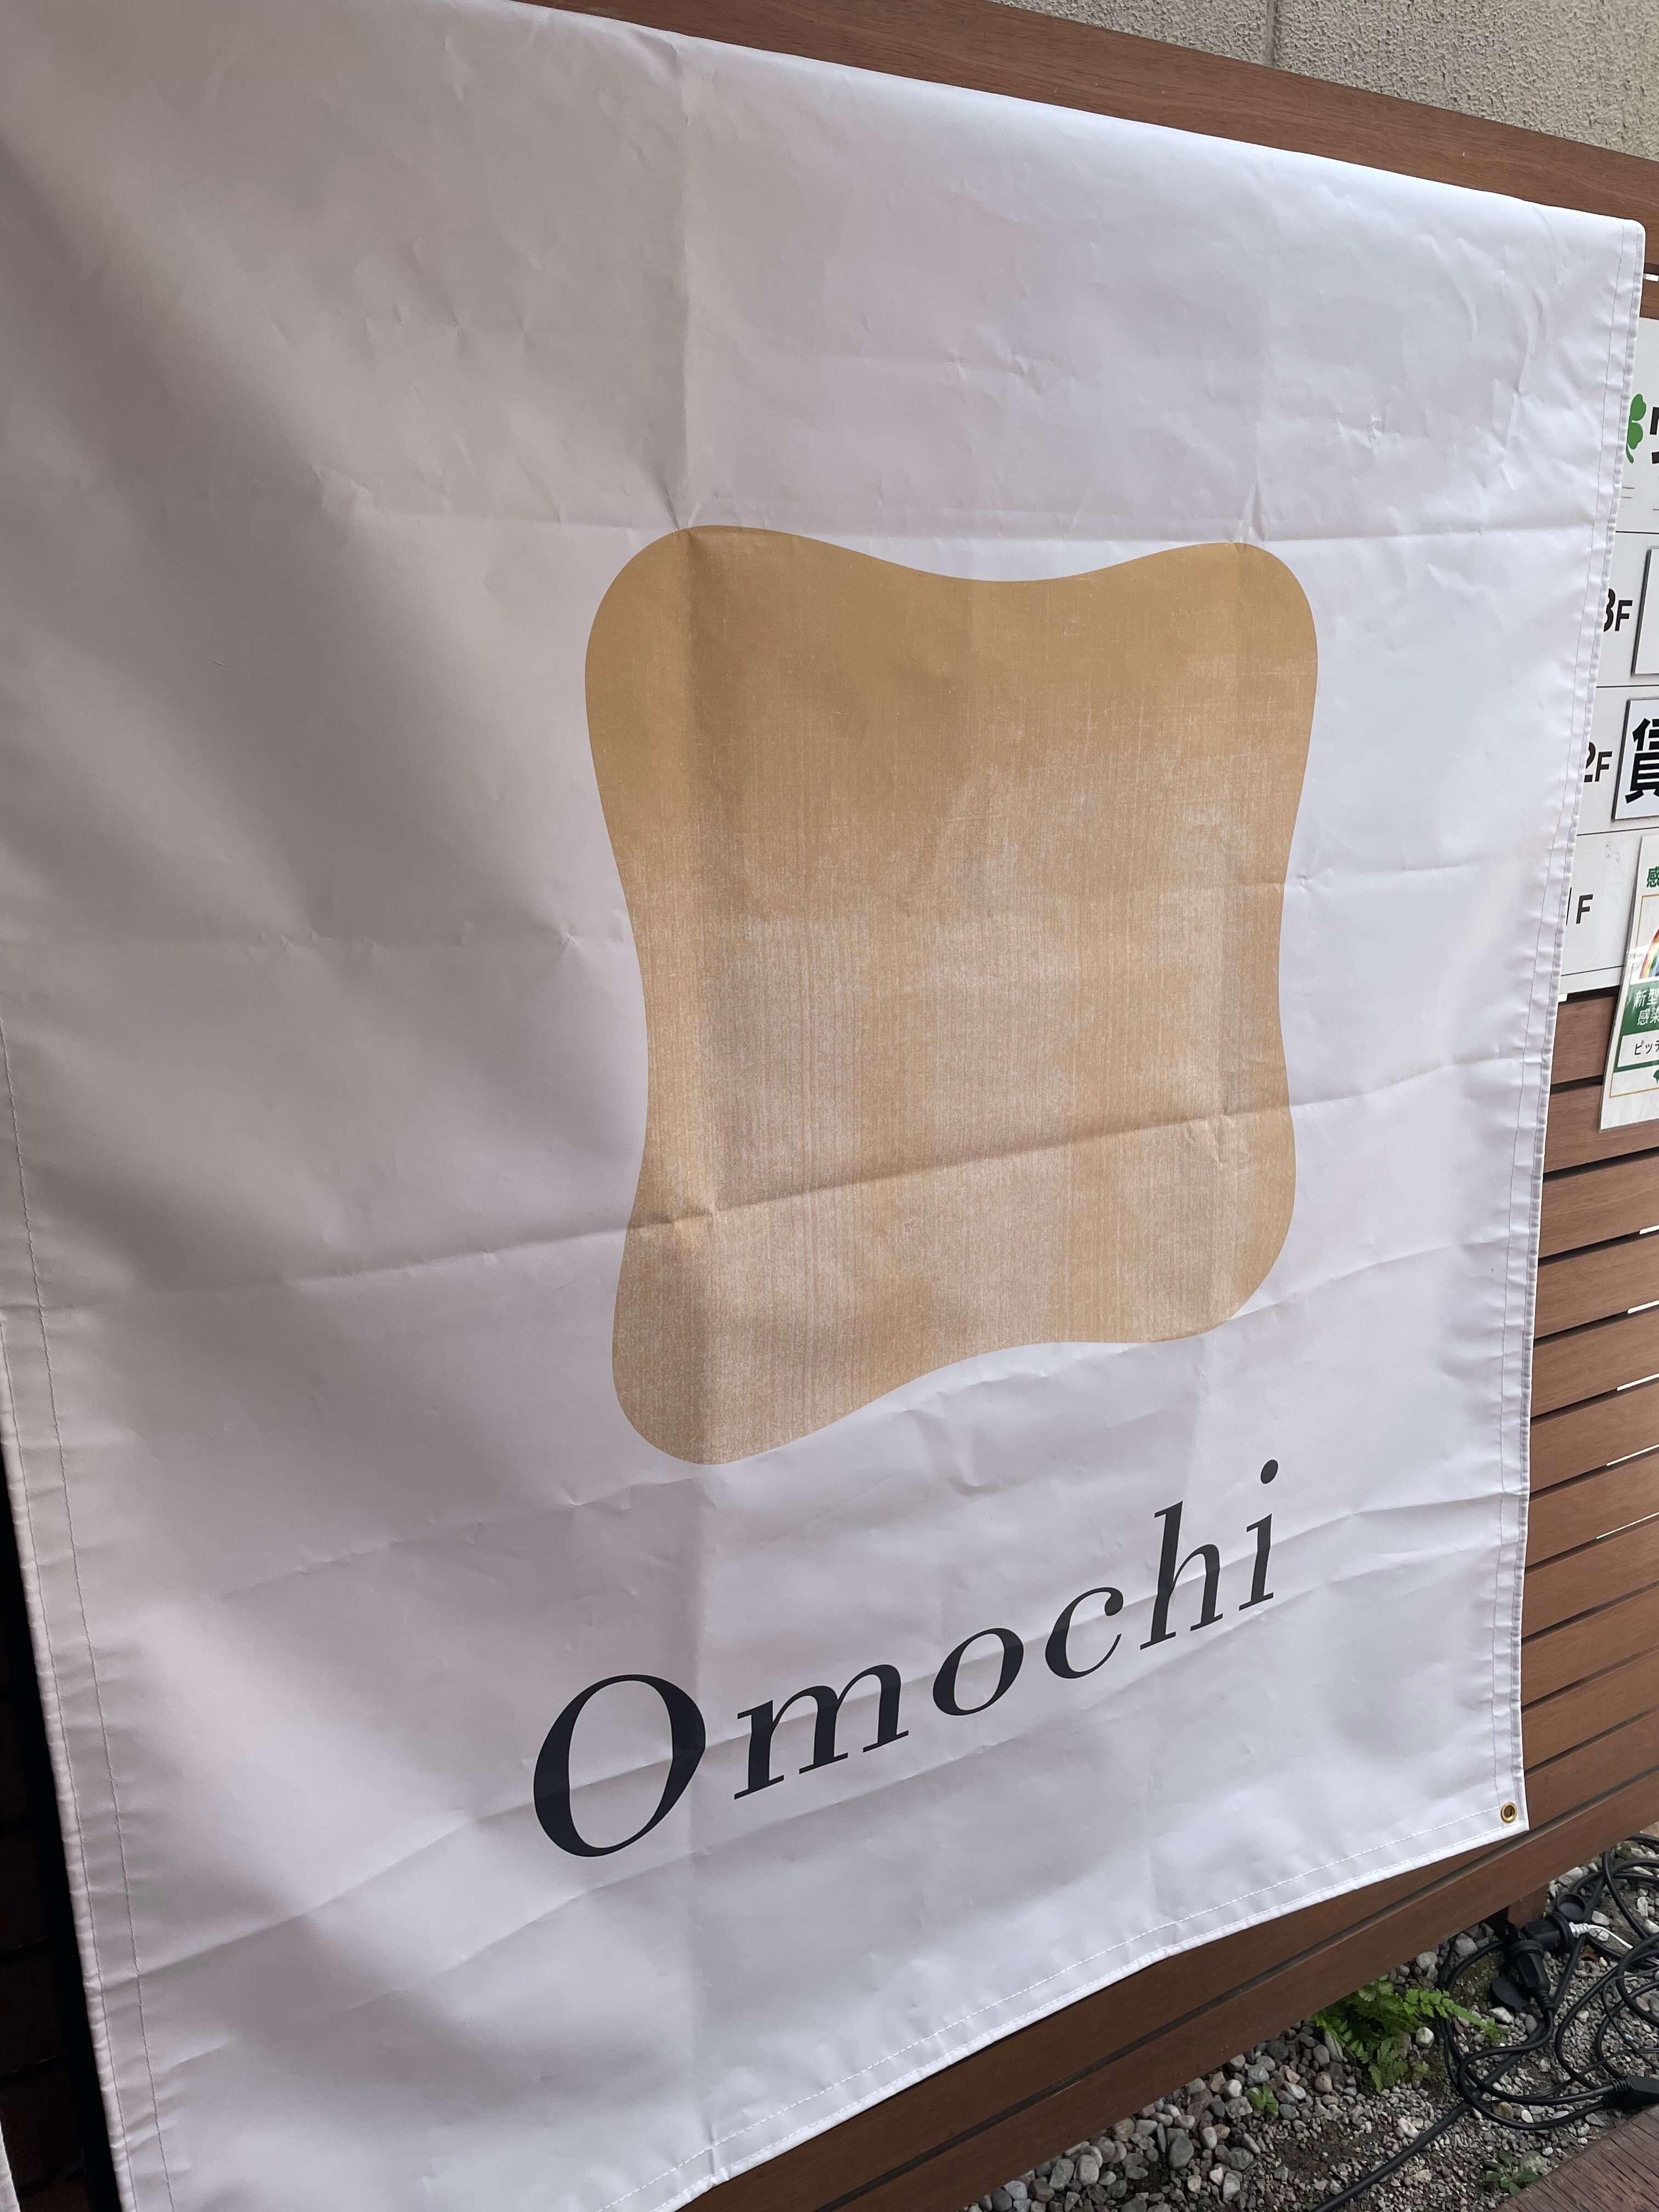 Omochi おもち 自由が丘